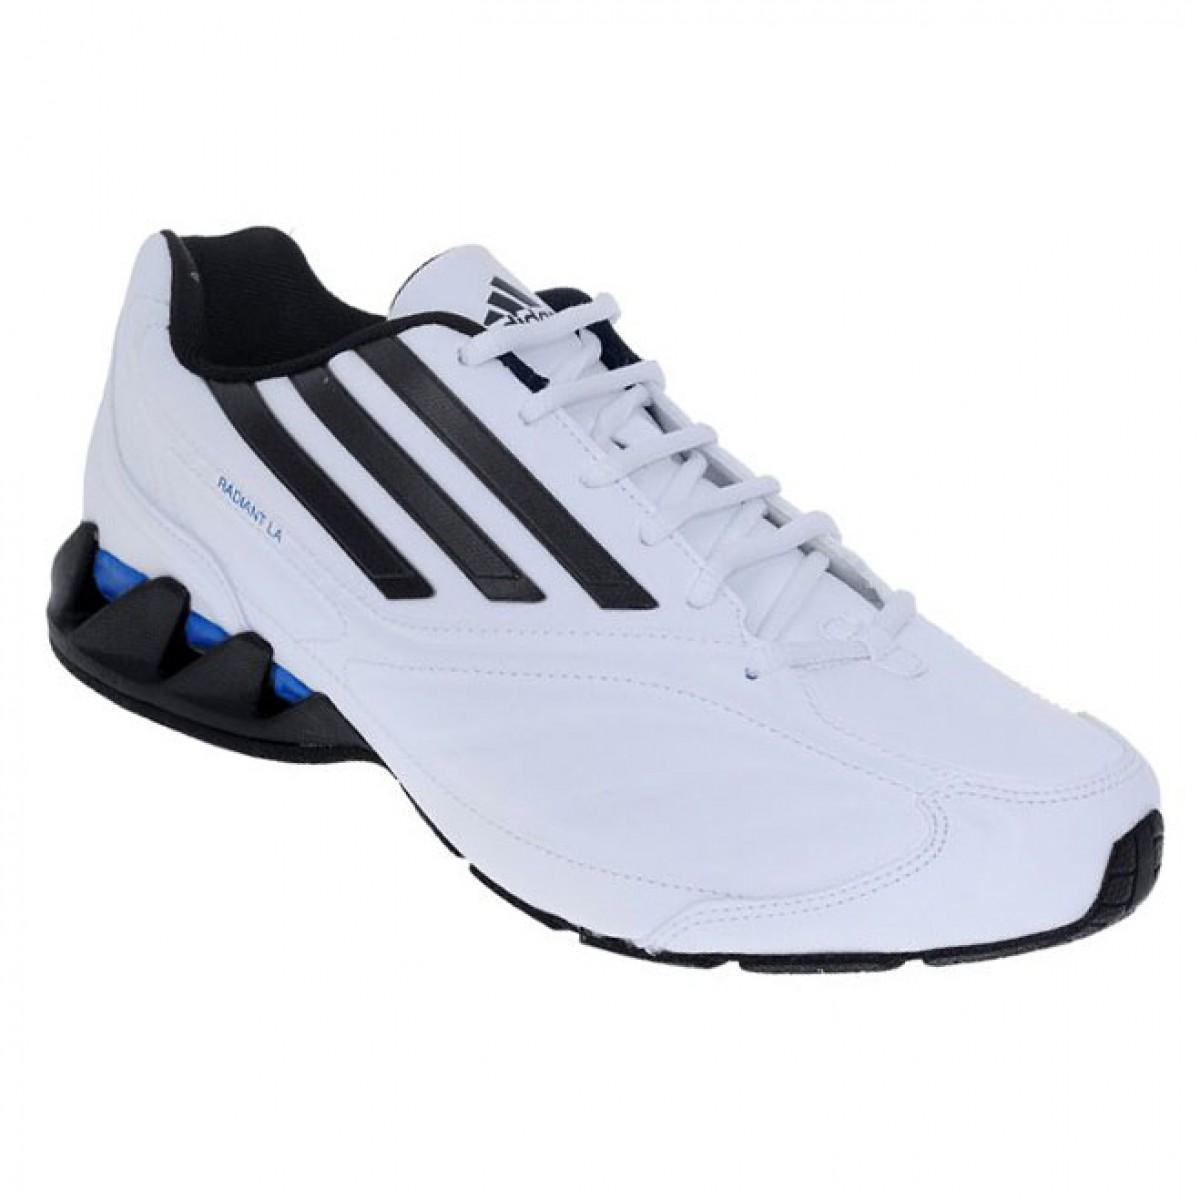 e584fffa6 Tênis Adidas Radiant LA Masculino Branco E Preto Compre Agora